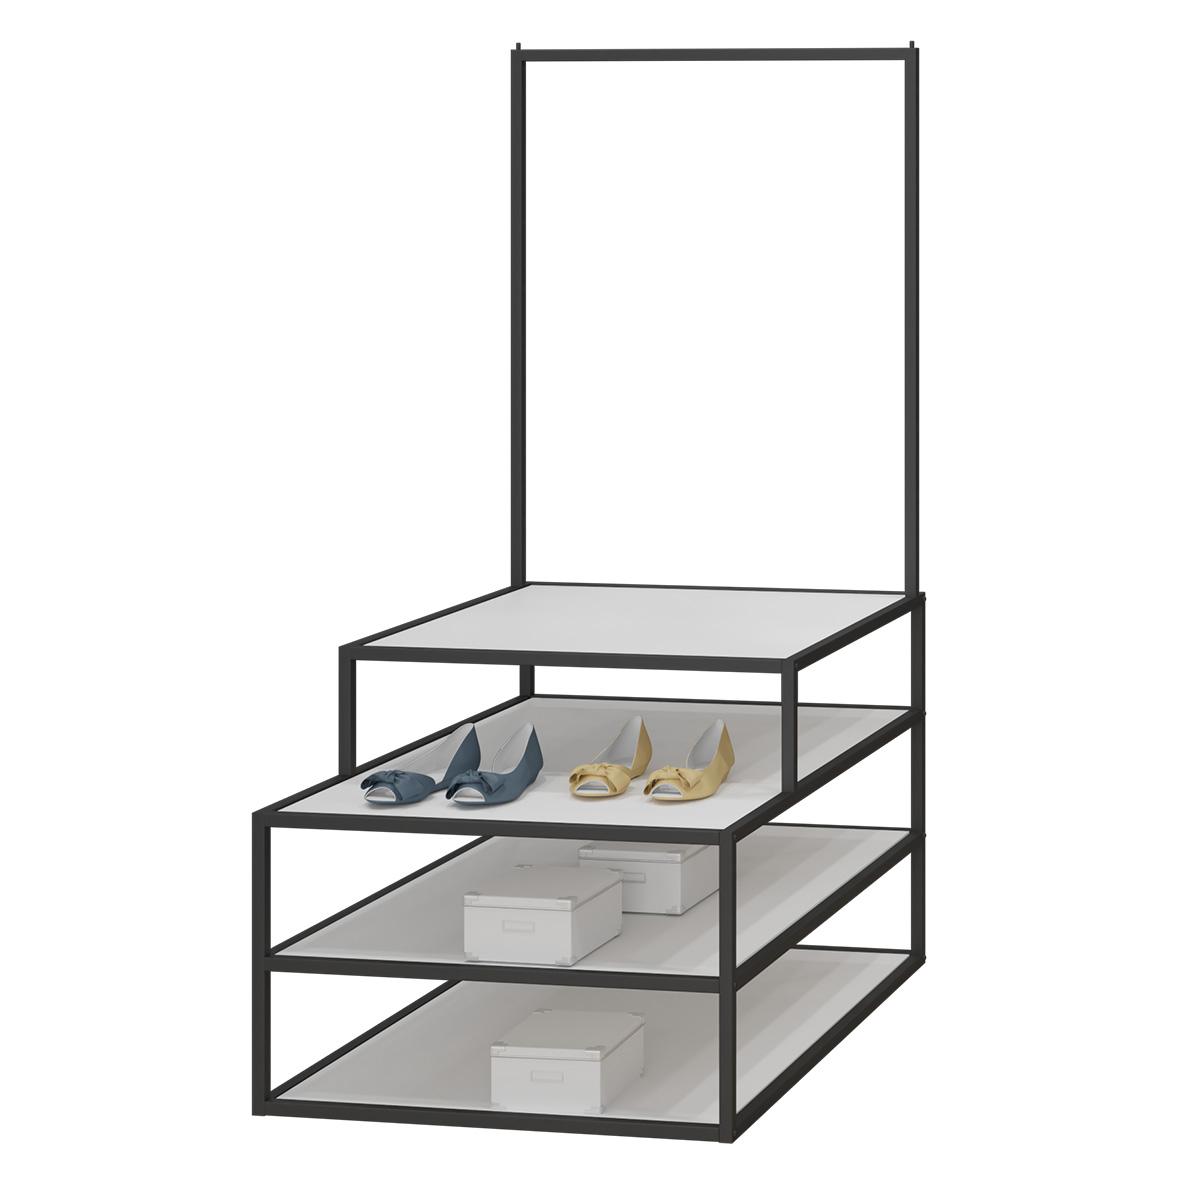 Textil Stufentisch schwarz/weiß